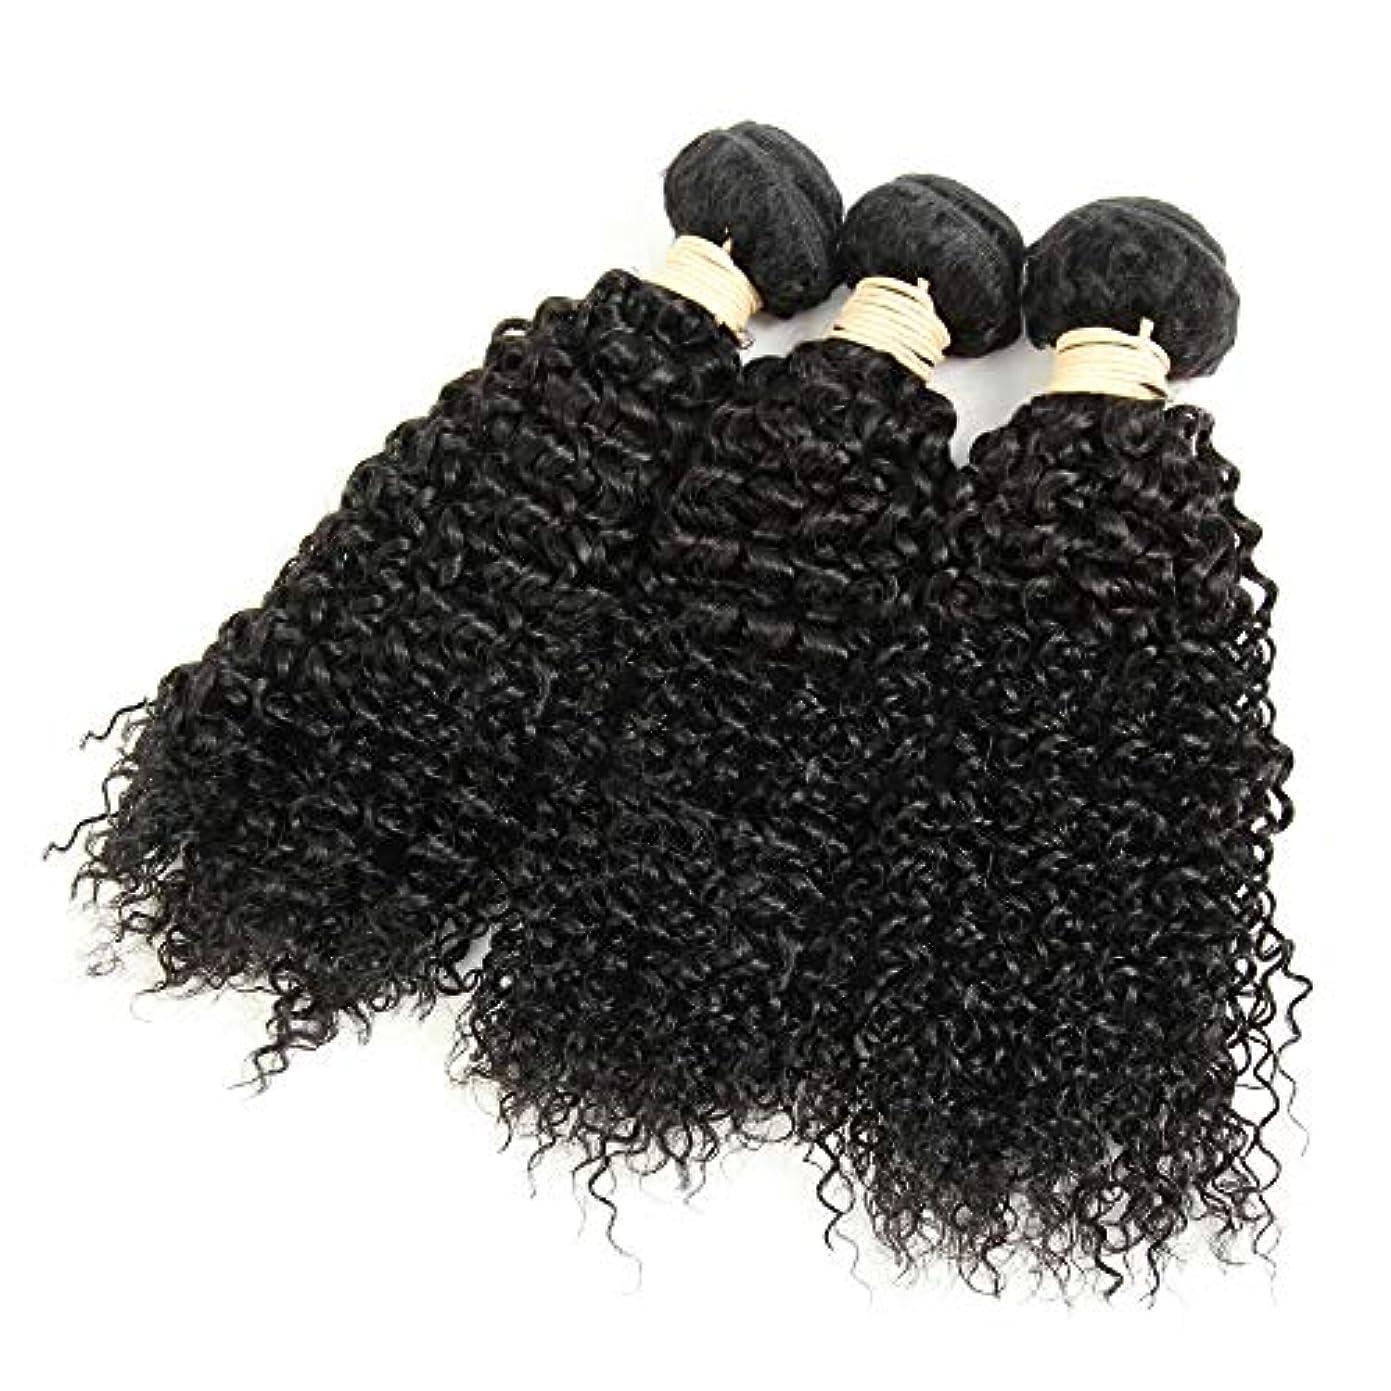 ロマンス厳数学HOHYLLYA 1バンドル変態巻き毛100%本物の人間の髪の毛の束ブラジルのディープウェーブの毛未処理の髪を編む(8